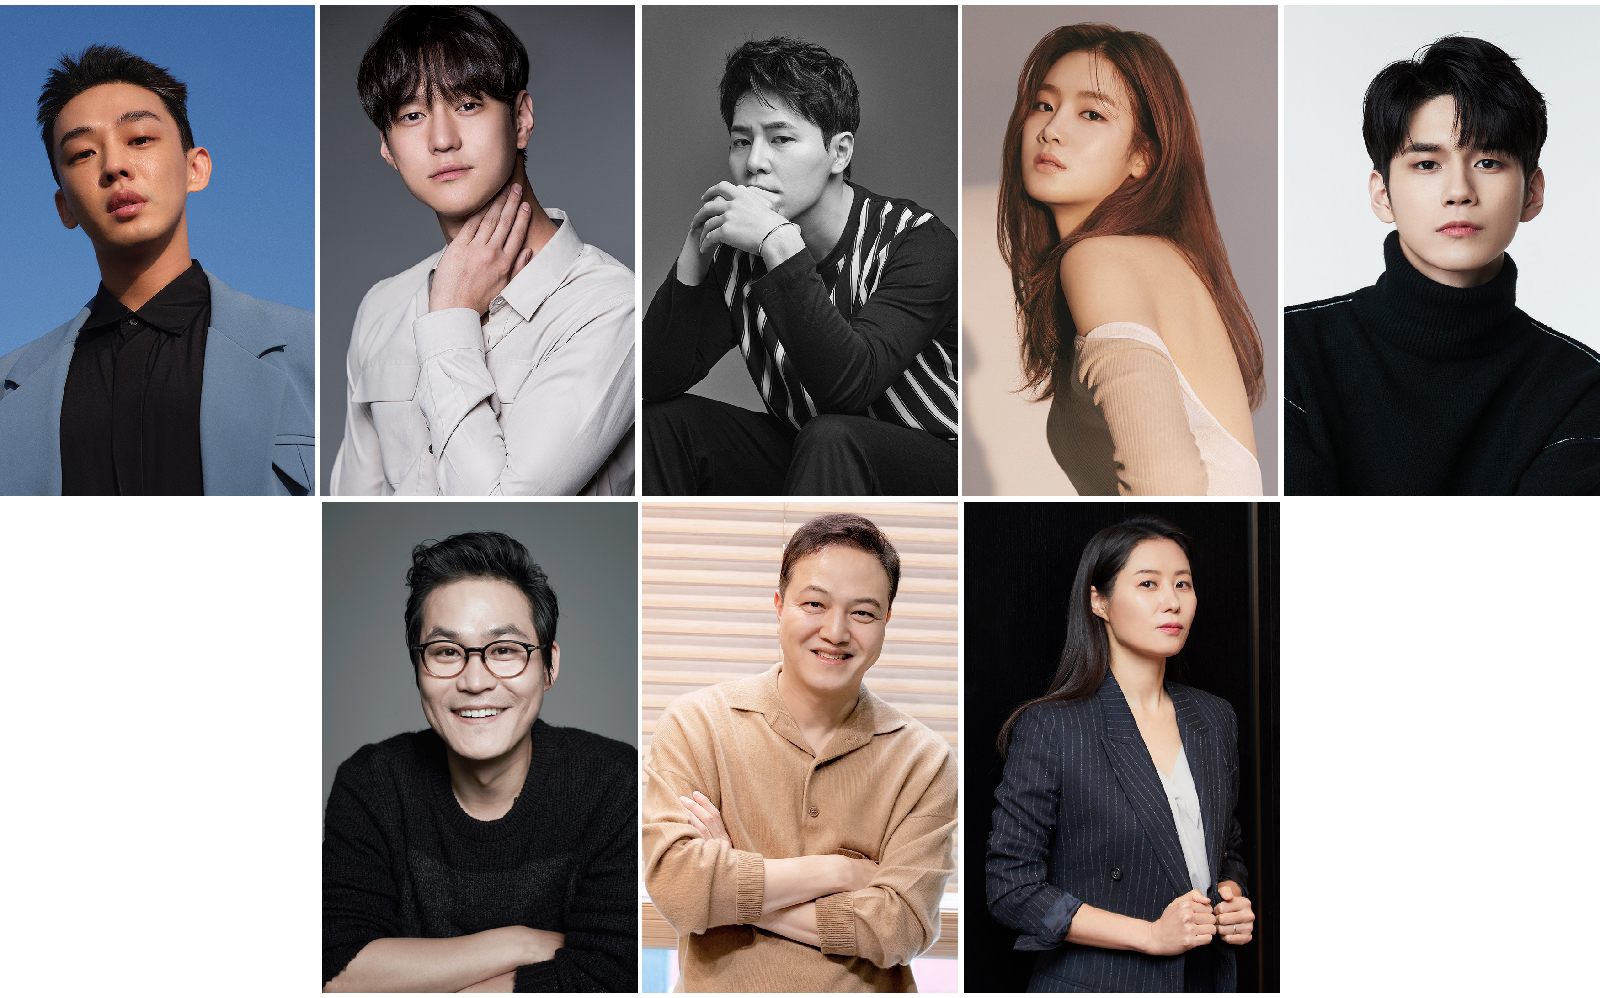 มาแน่! Netflix ยืนยันการผลิตภาพยนตร์แอคชั่นสุดมันส์ Seoul Vibe ยกทัพนักแสดงคุณภาพมาเพียบ นำโดยยูอาอิน, โกคยองพโย, อีคยูฮยอง, พัคจูฮยอน, องซองอู, คิมซองกยุน,จองอุงอิน และ มุนโซรี